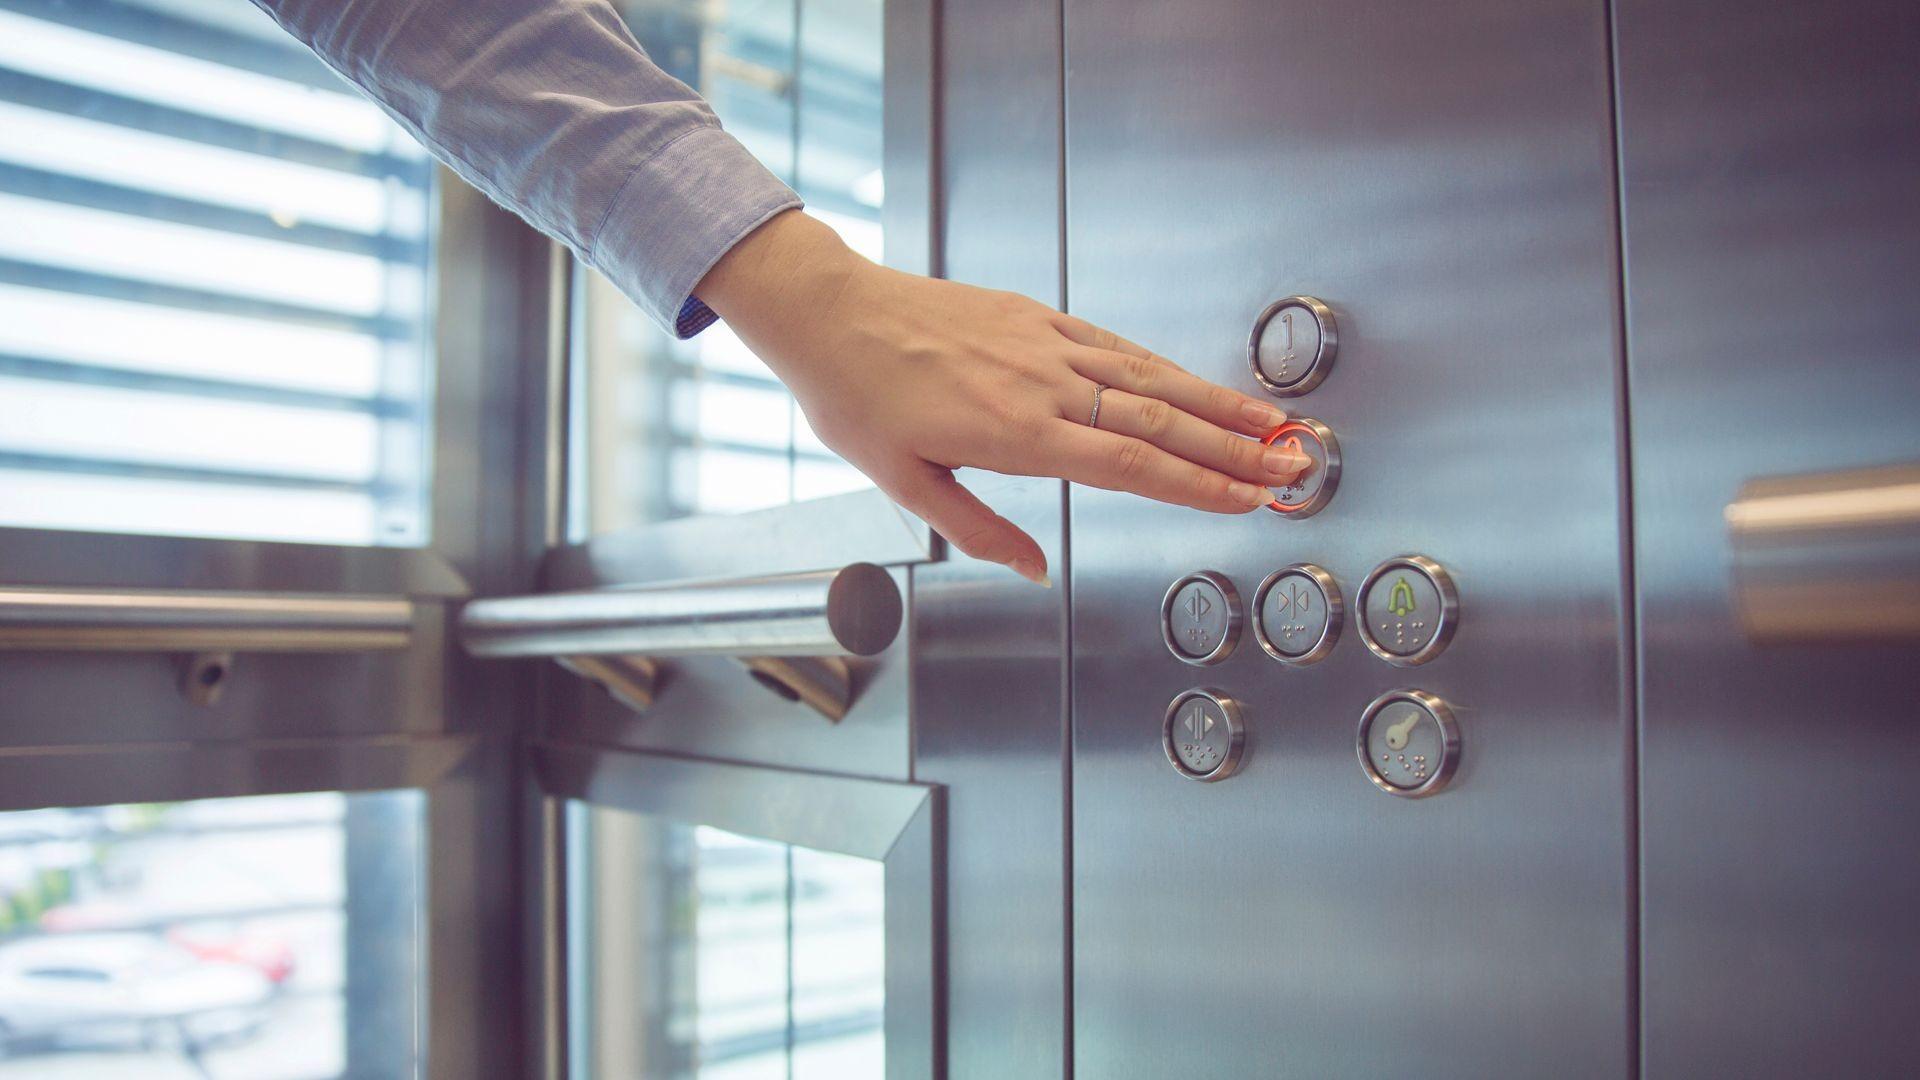 Instalación y mantenimiento de ascensores en Santander